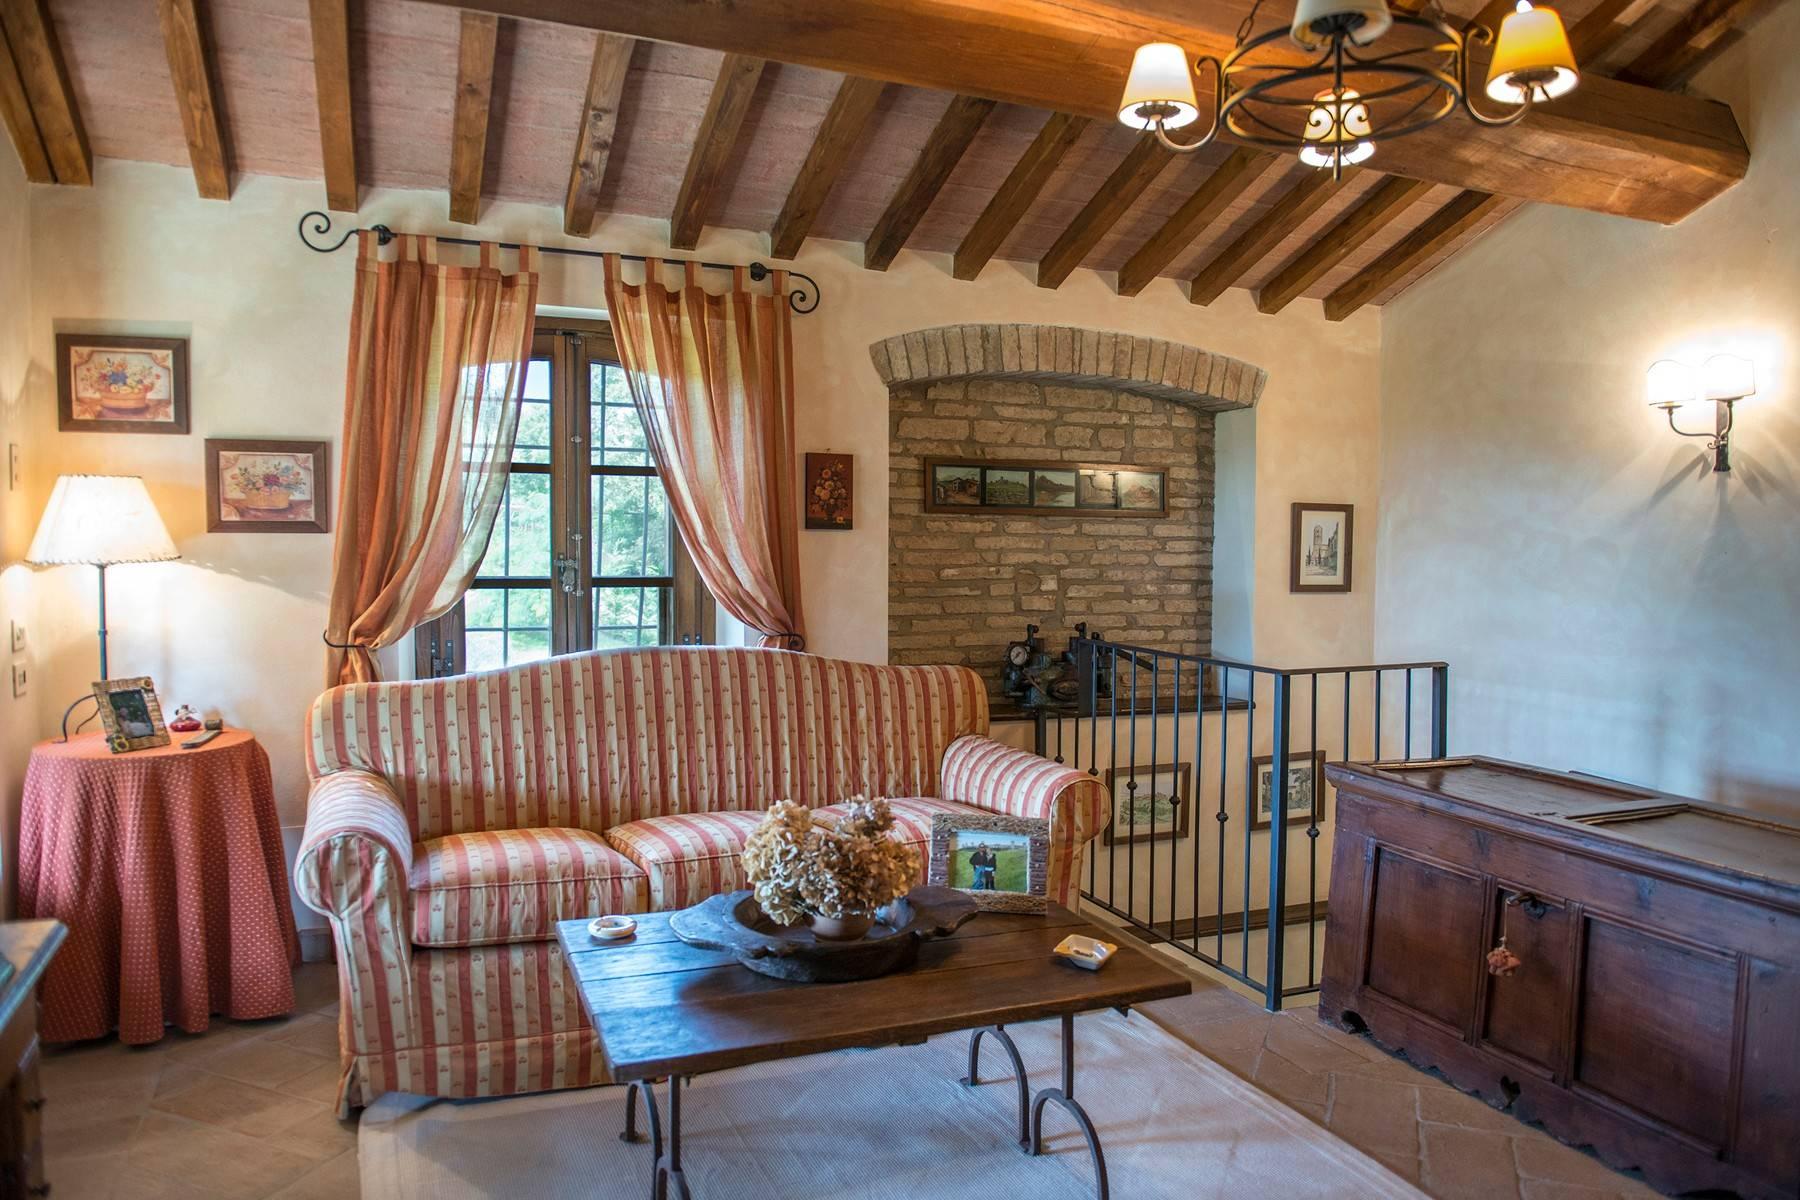 Villa in Vendita a Citta' Della Pieve: 5 locali, 350 mq - Foto 12